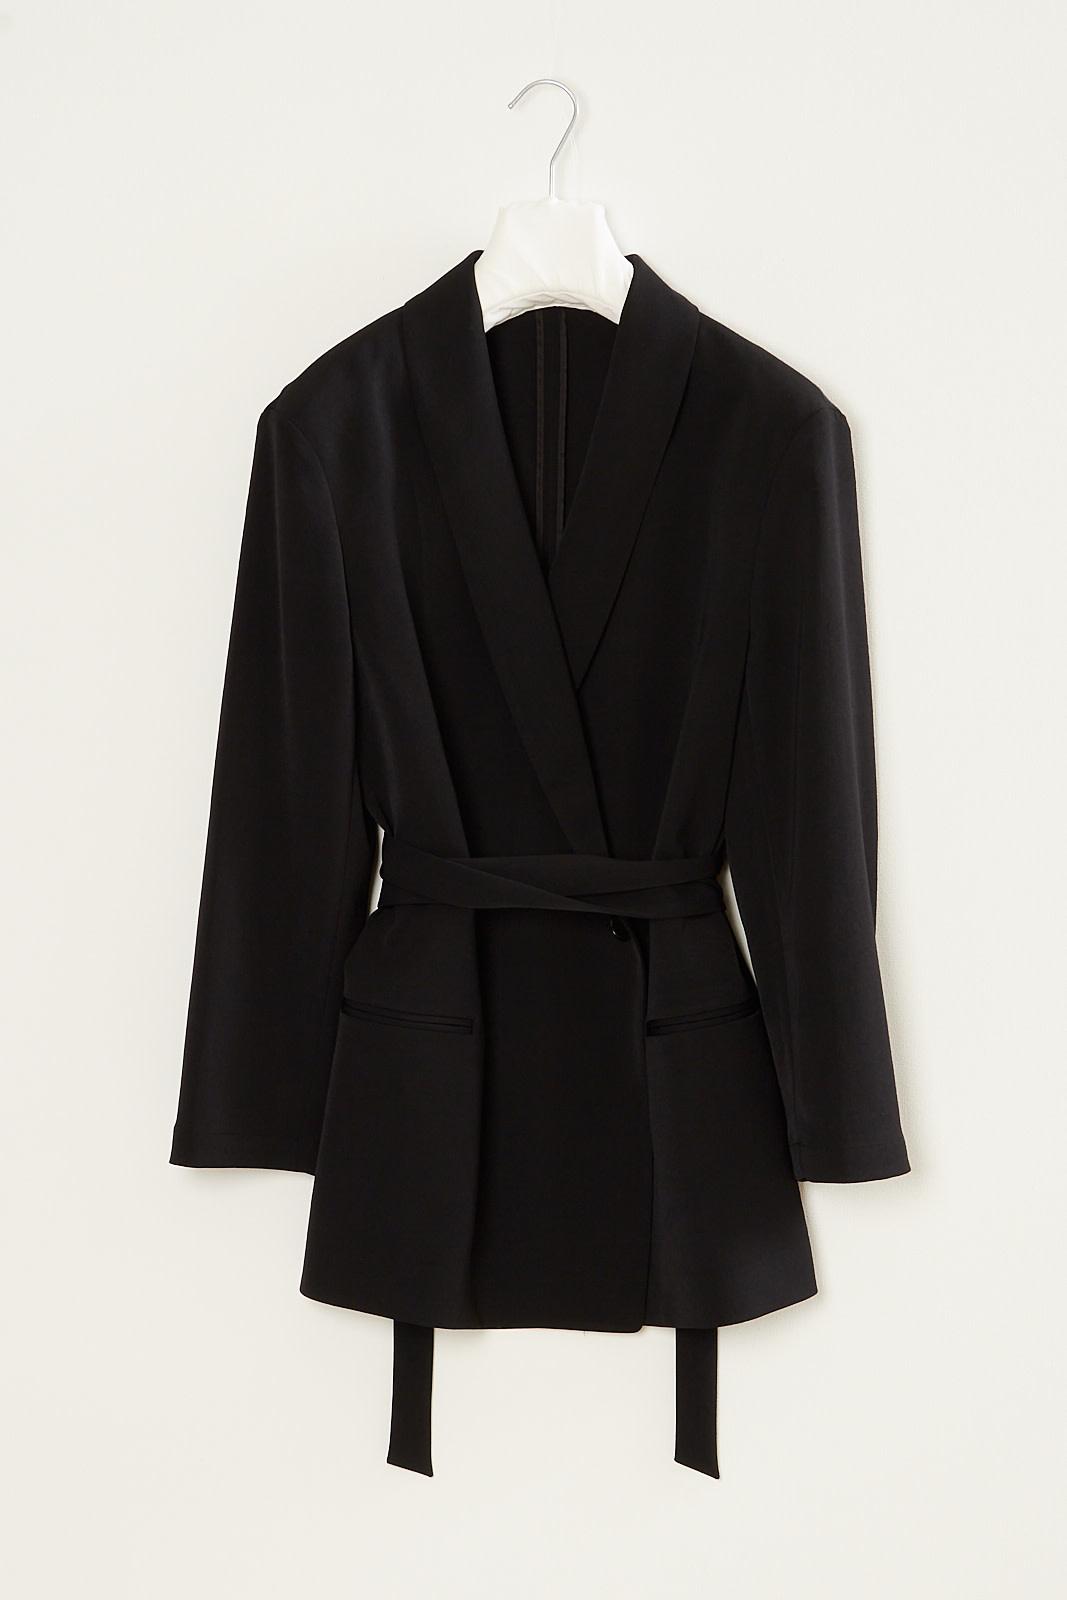 Drae - Bird shawl collar jacket